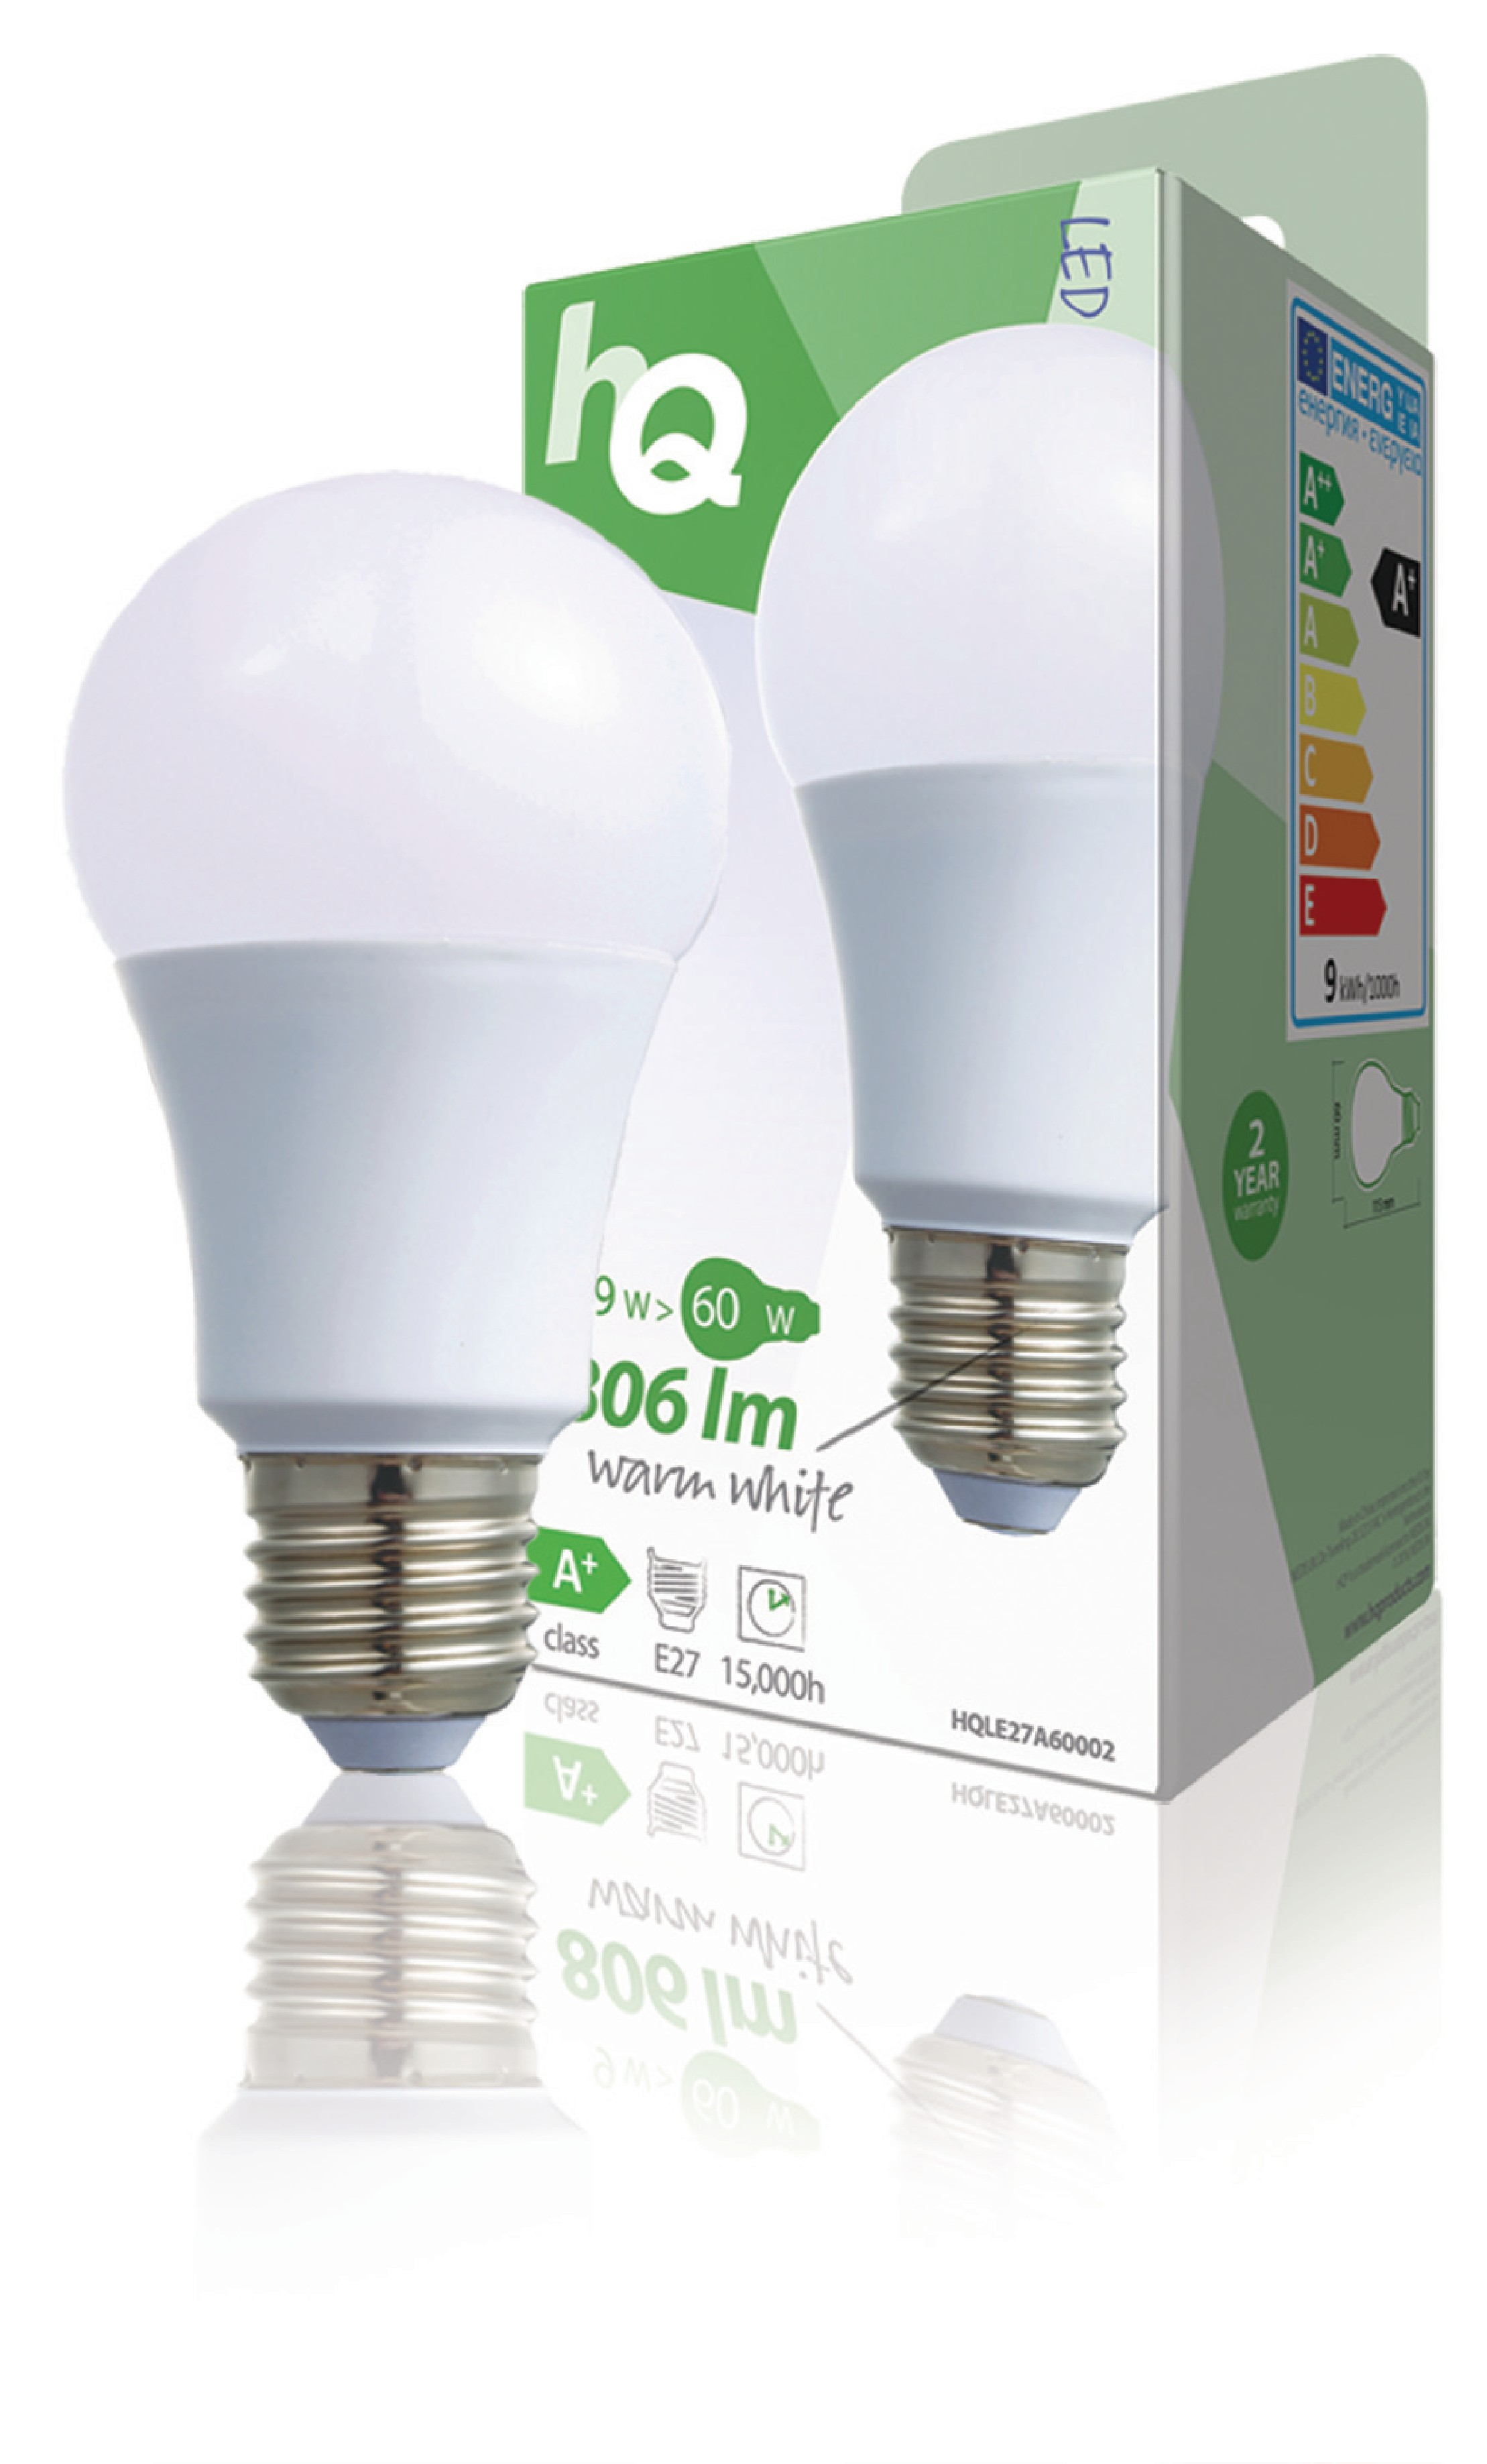 HQ LED žárovka E27 9.5W 806lm 2700K (HQLE27A60002)